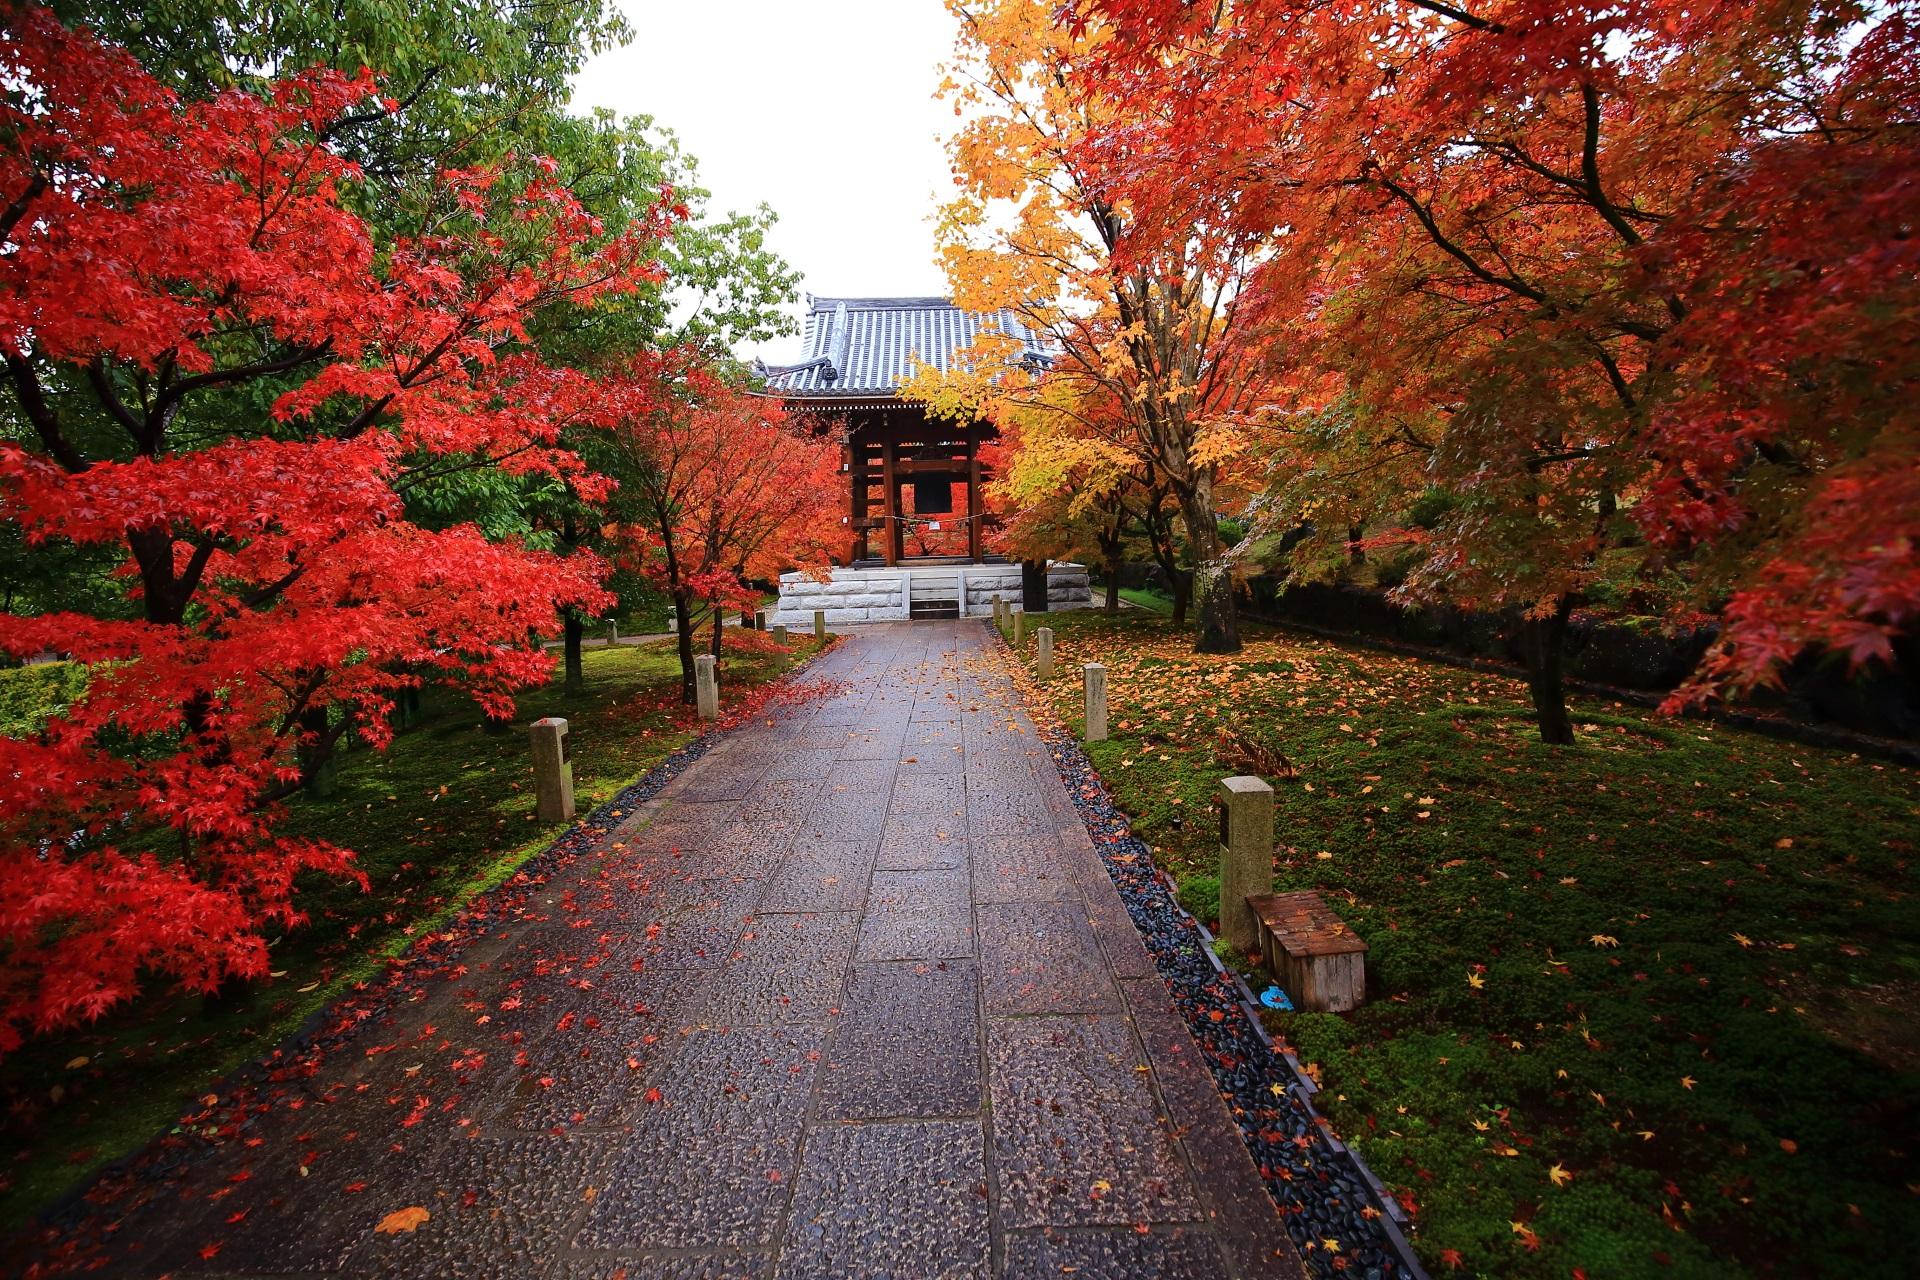 色とりどりの紅葉につつまれた智積院の雨上がりの参道と鐘楼